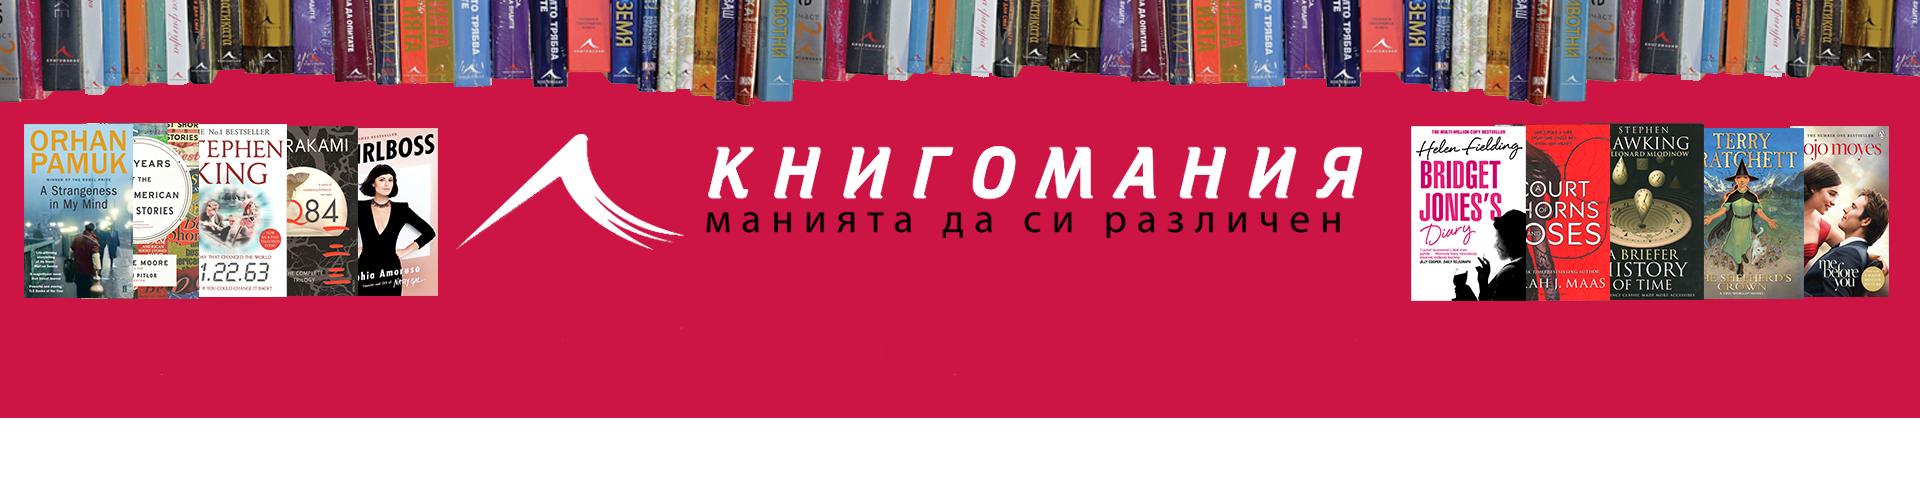 Нови книги на английски език Книгомания